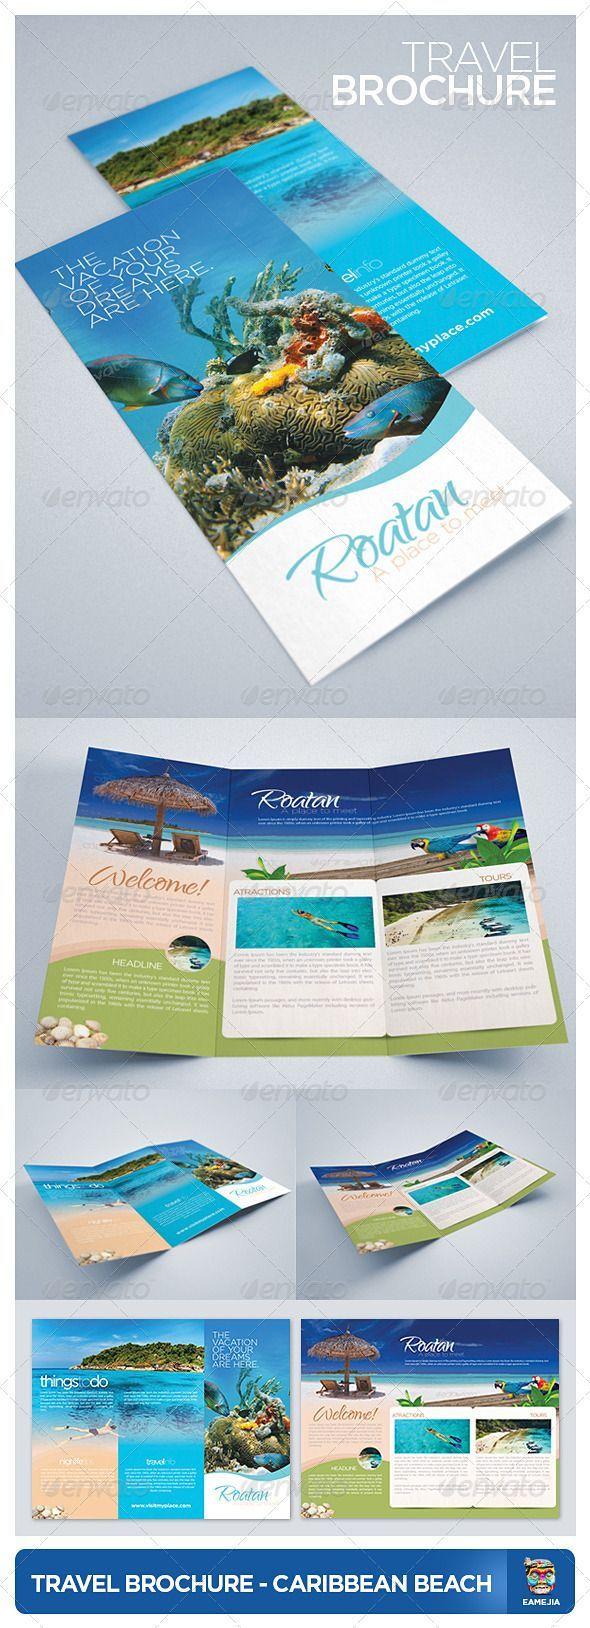 Tourism tourism dominican republic